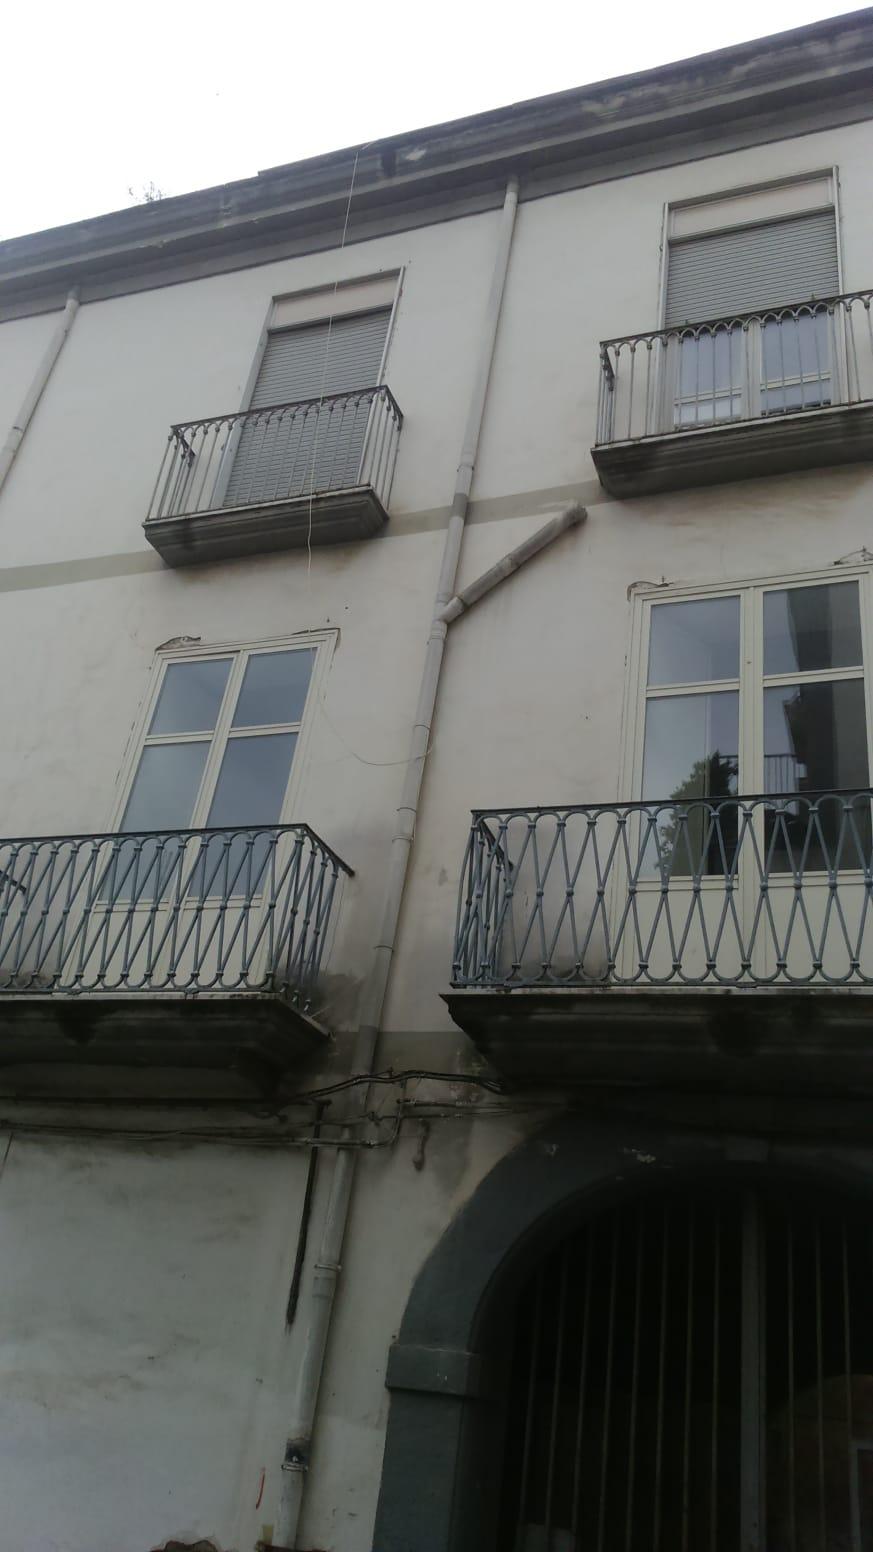 Appartamento in vendita a Marigliano, 2 locali, prezzo € 35.000 | PortaleAgenzieImmobiliari.it